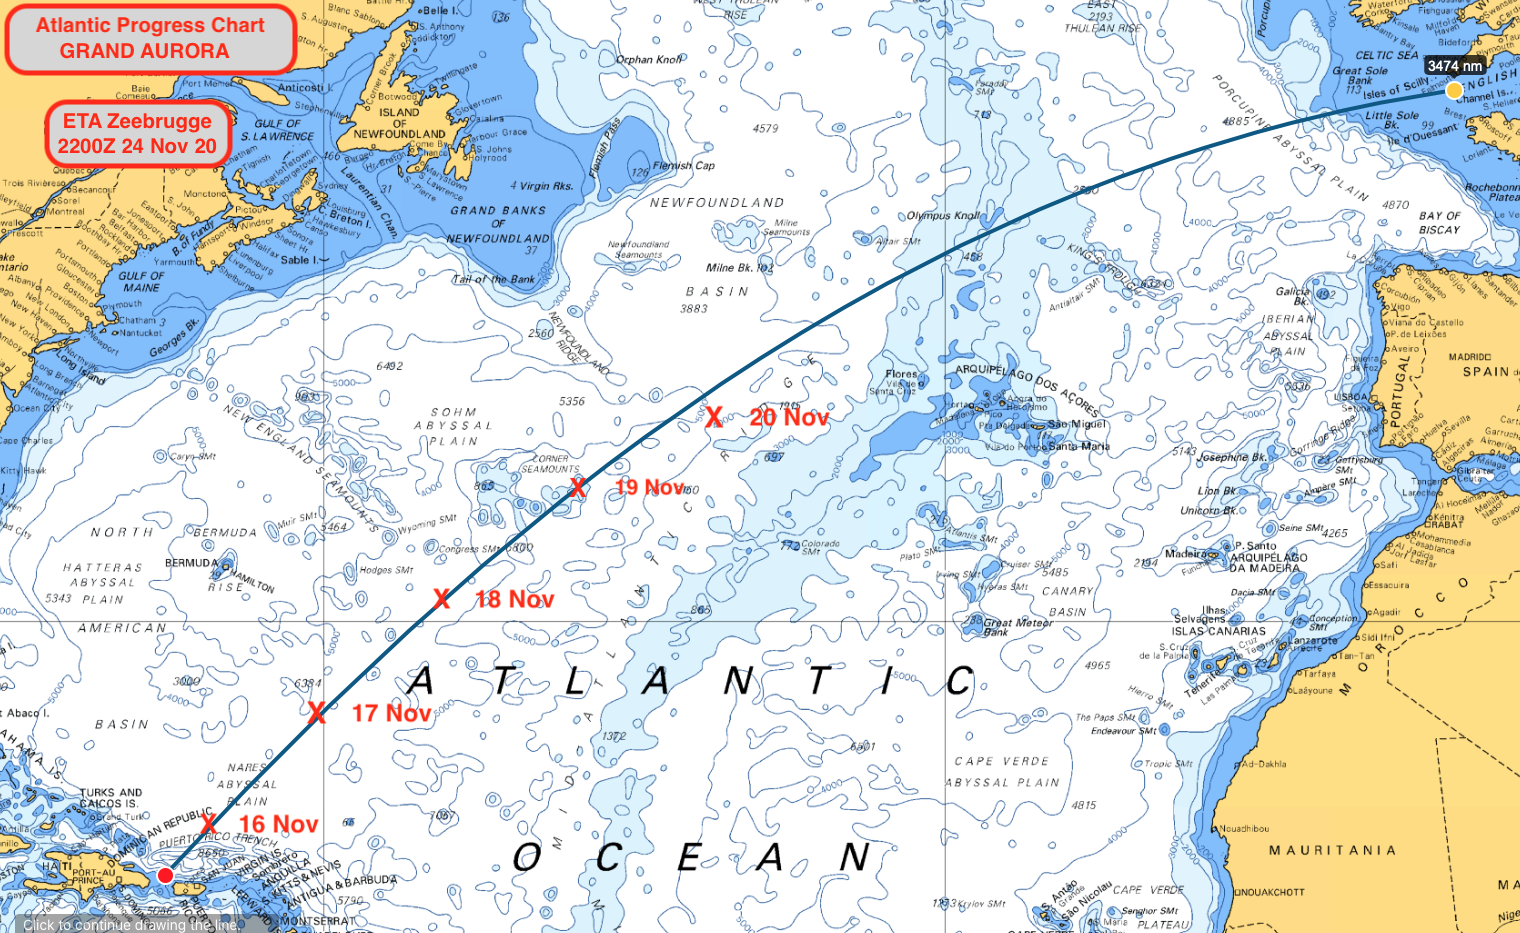 Grand Aurora Atlantic Progress.png